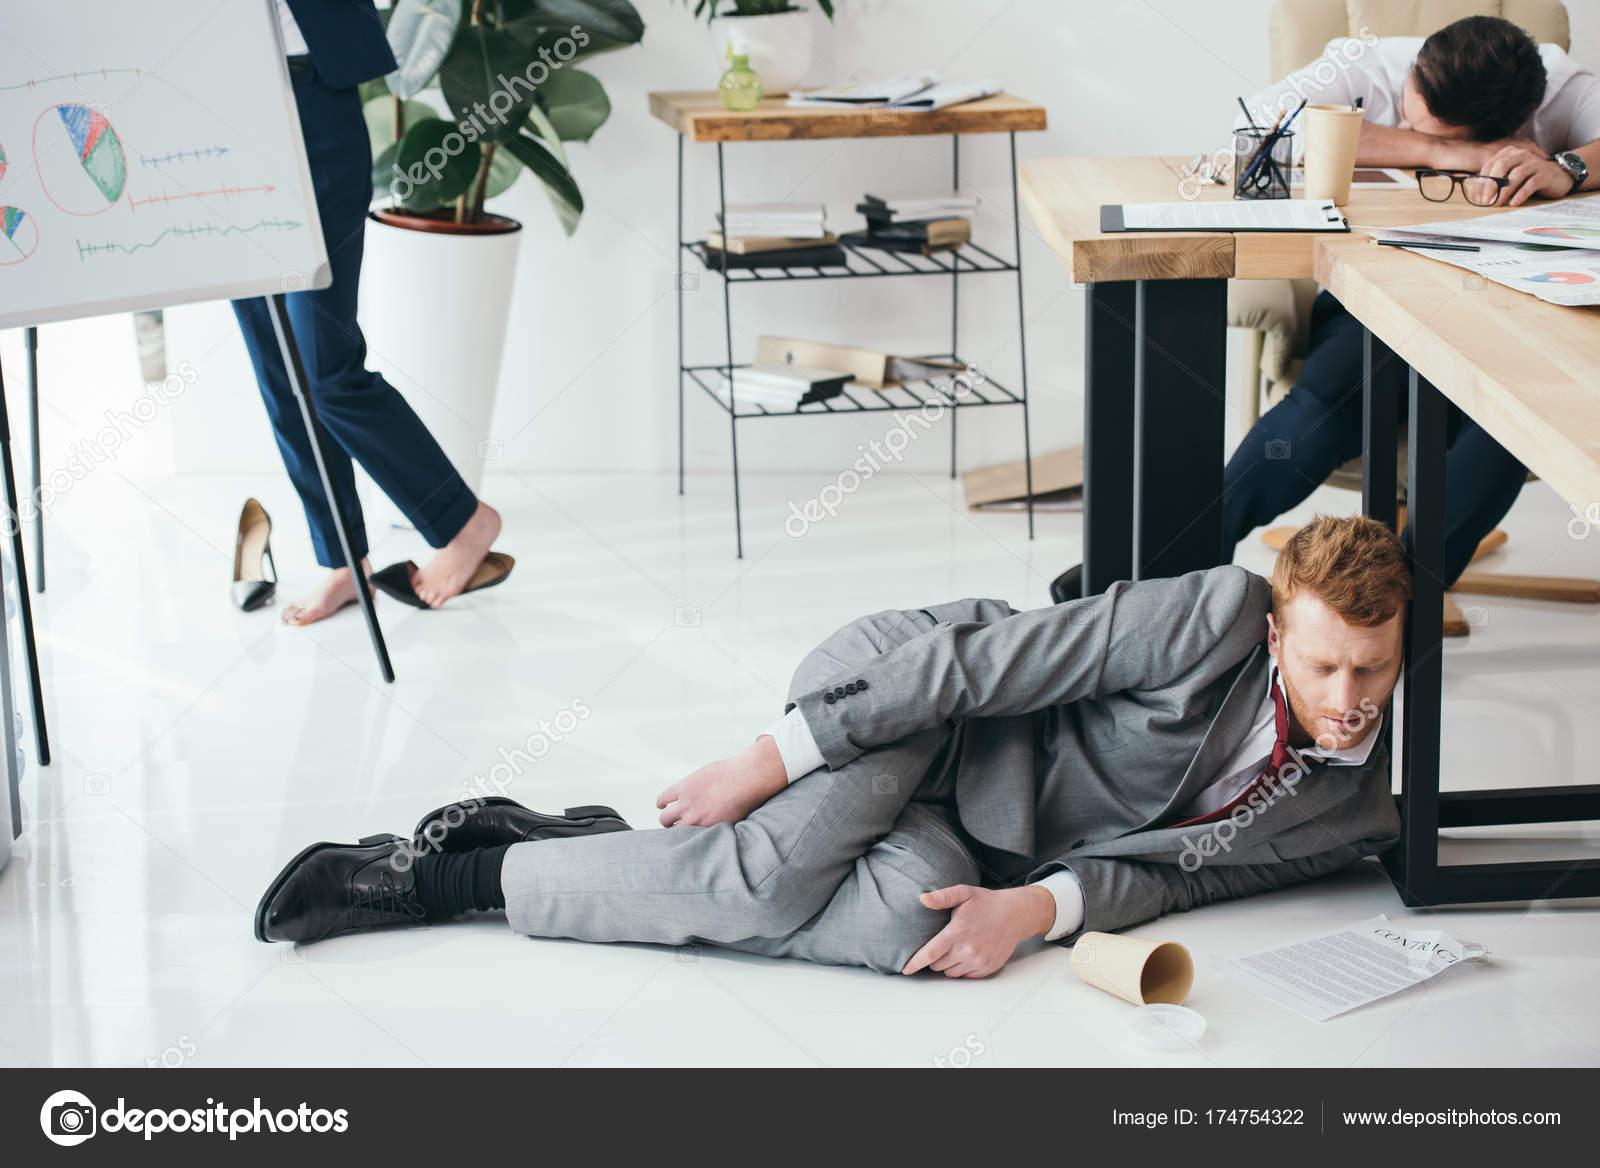 gruppe von ersch pft gesch ftsleute schlafen b ro stockfoto arturverkhovetskiy 174754322. Black Bedroom Furniture Sets. Home Design Ideas